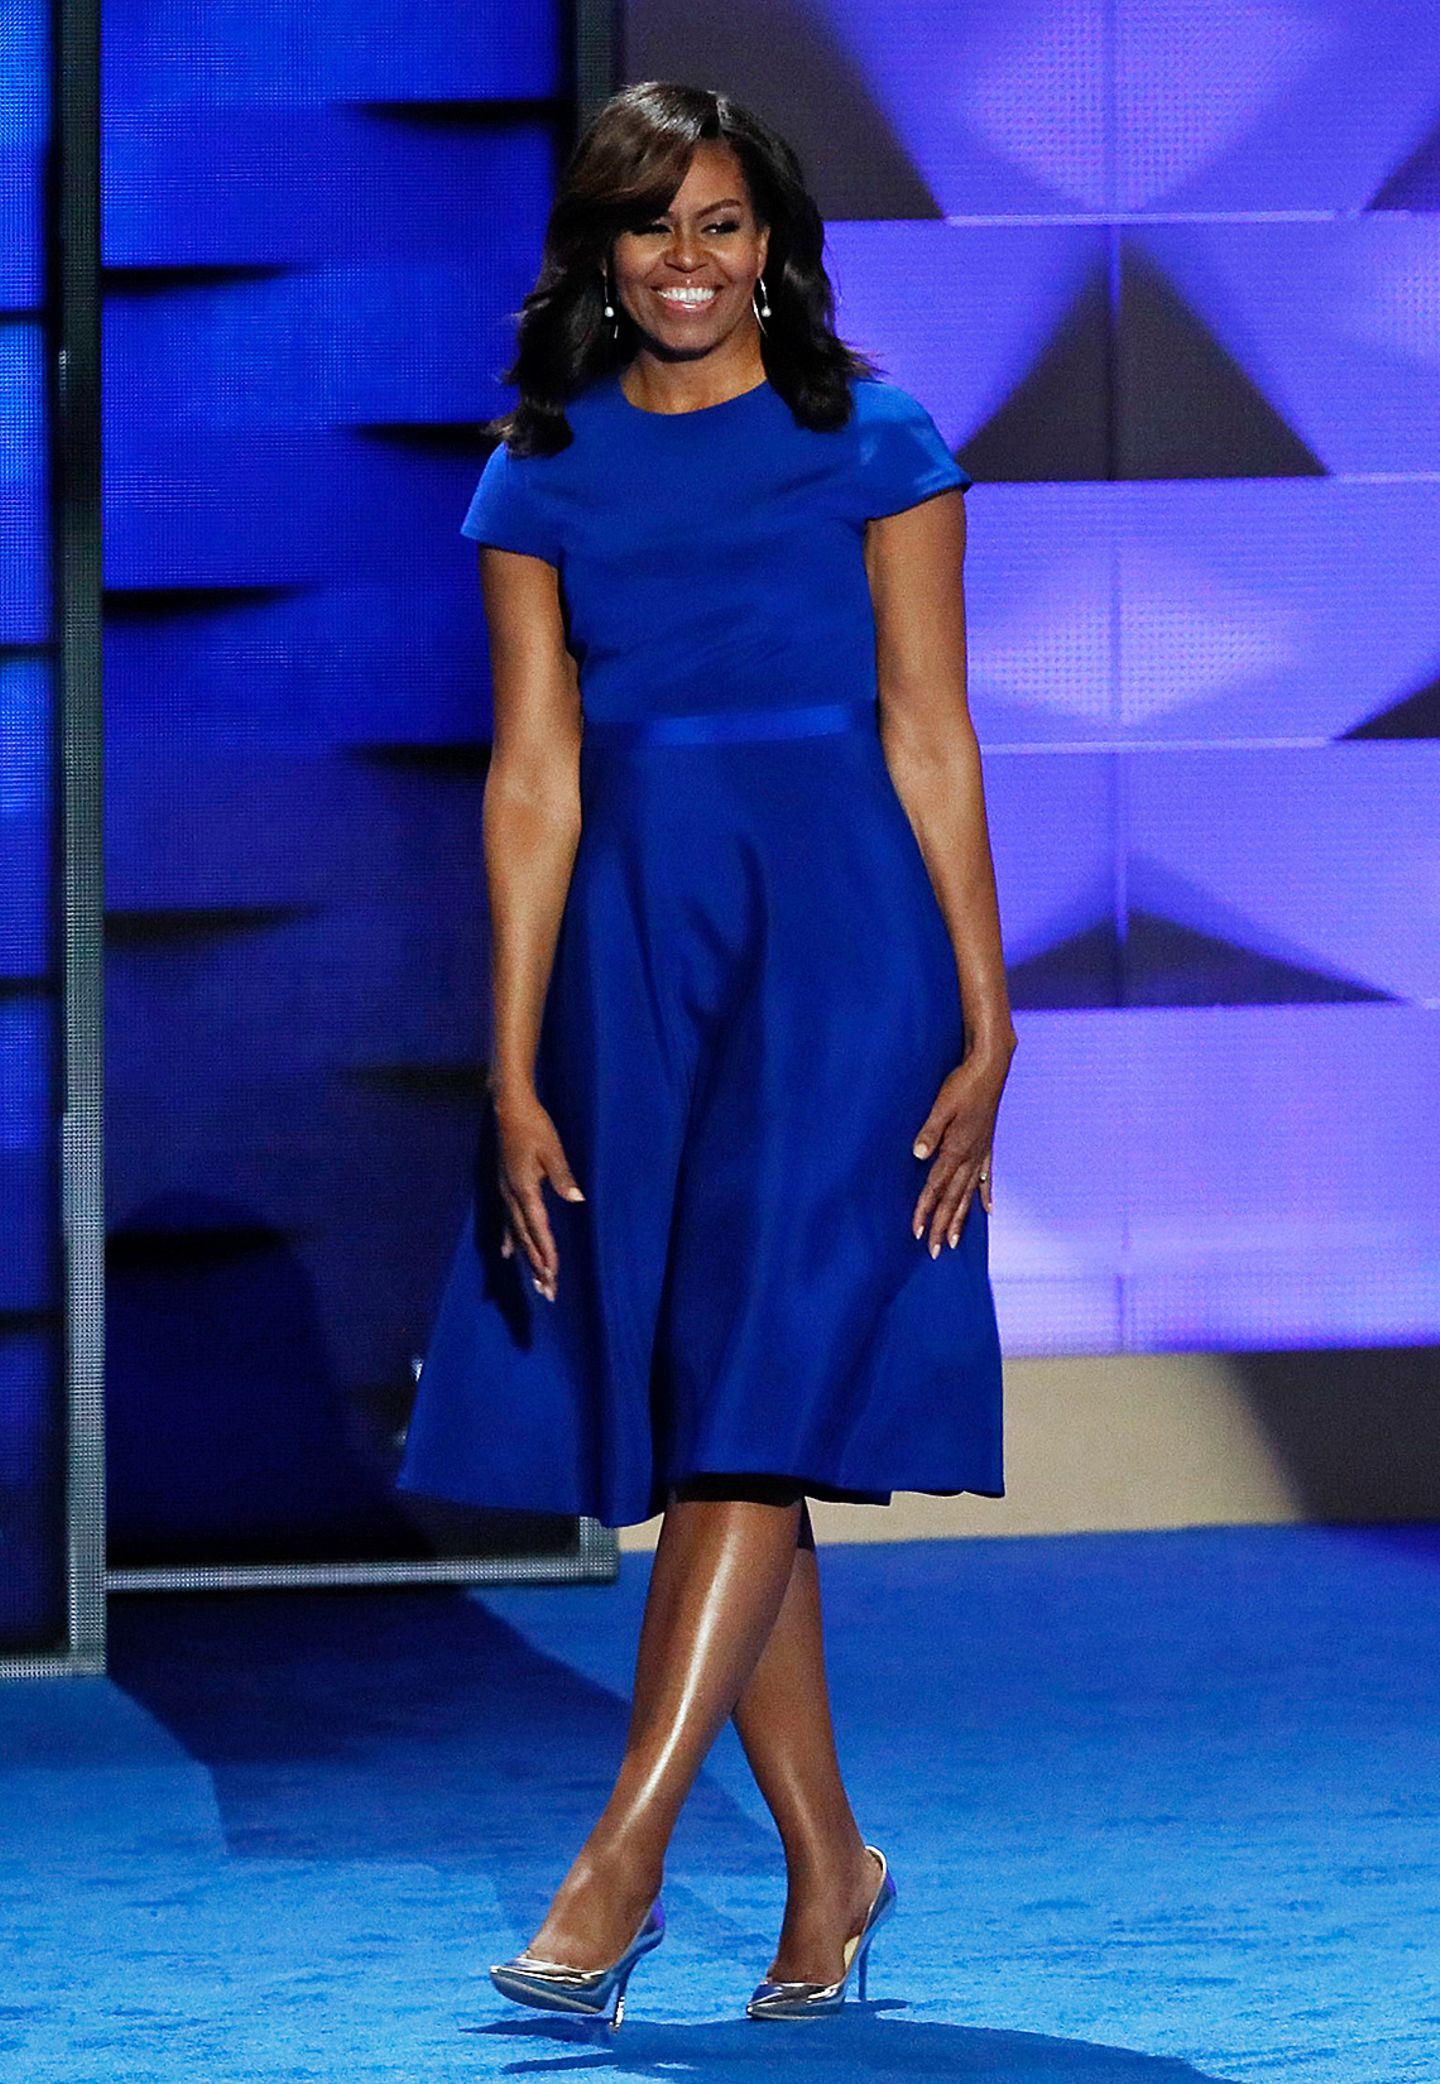 Bei der Democratic National Convention im Juli 2016 in Philadelphia zeigte sich Michelle Obama in kraftvollen Blau.